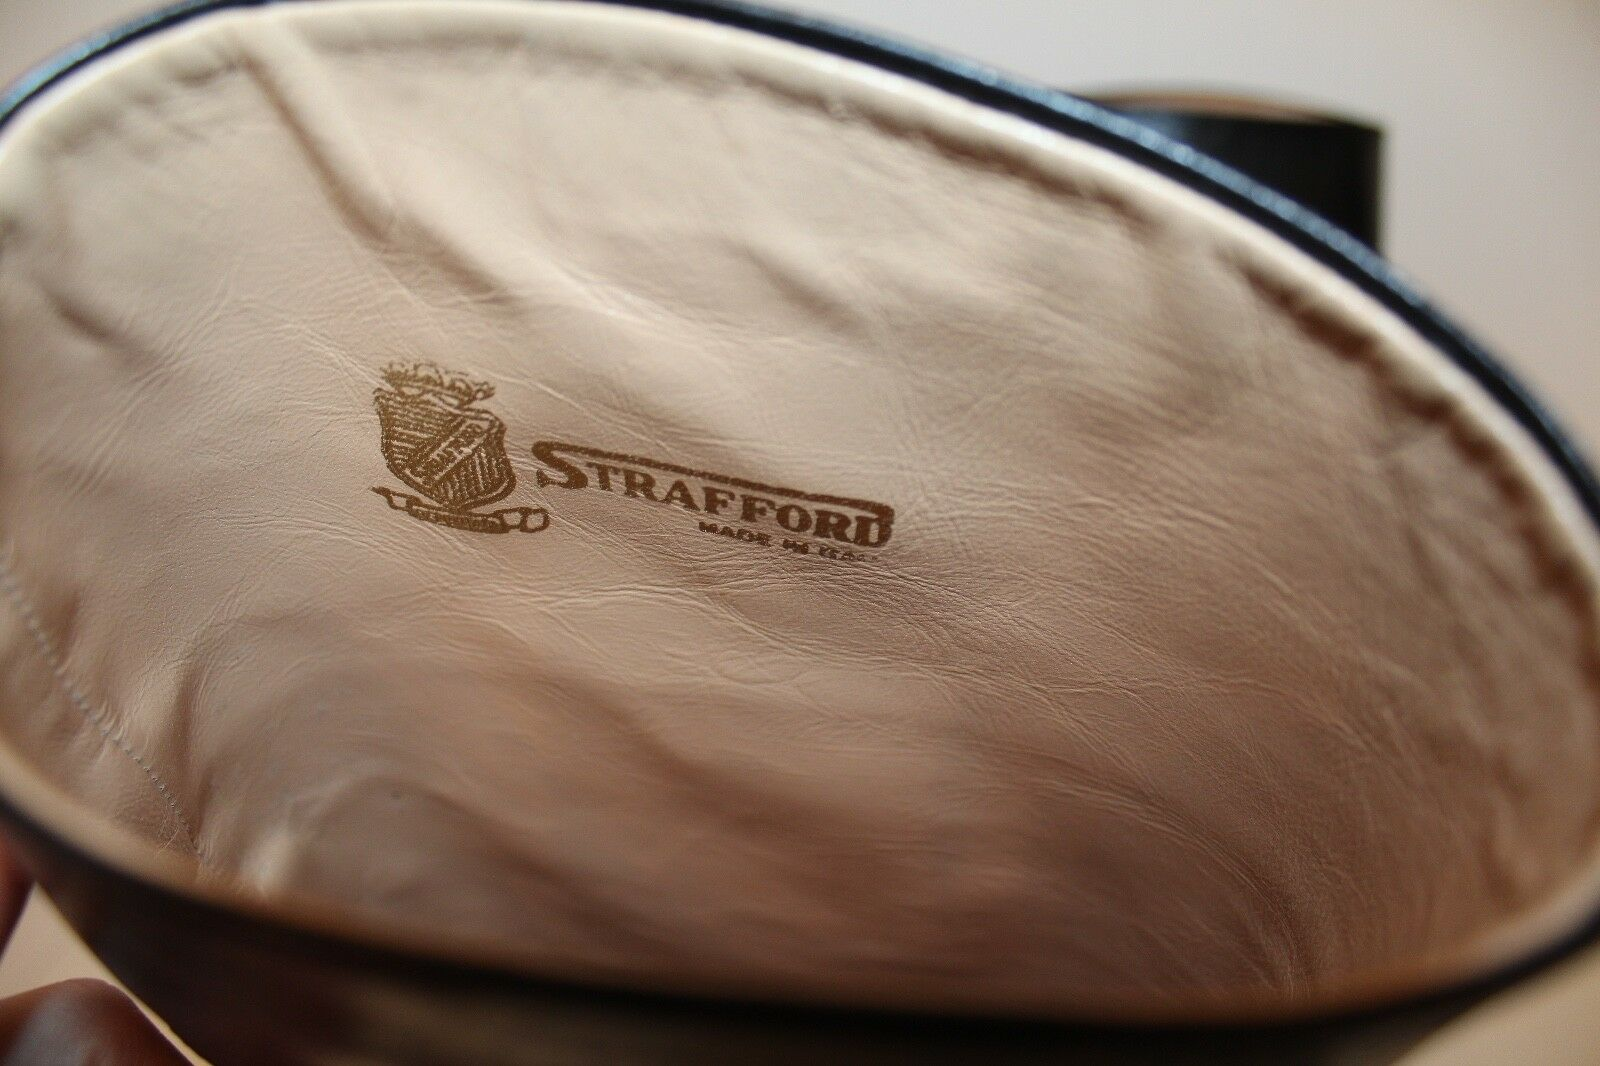 STAFFORD ECHT LEDER STIEFEL Leder 37 37.5 schwarz Reitstiefel Leder STIEFEL RIDING Stiefel UK4 692380